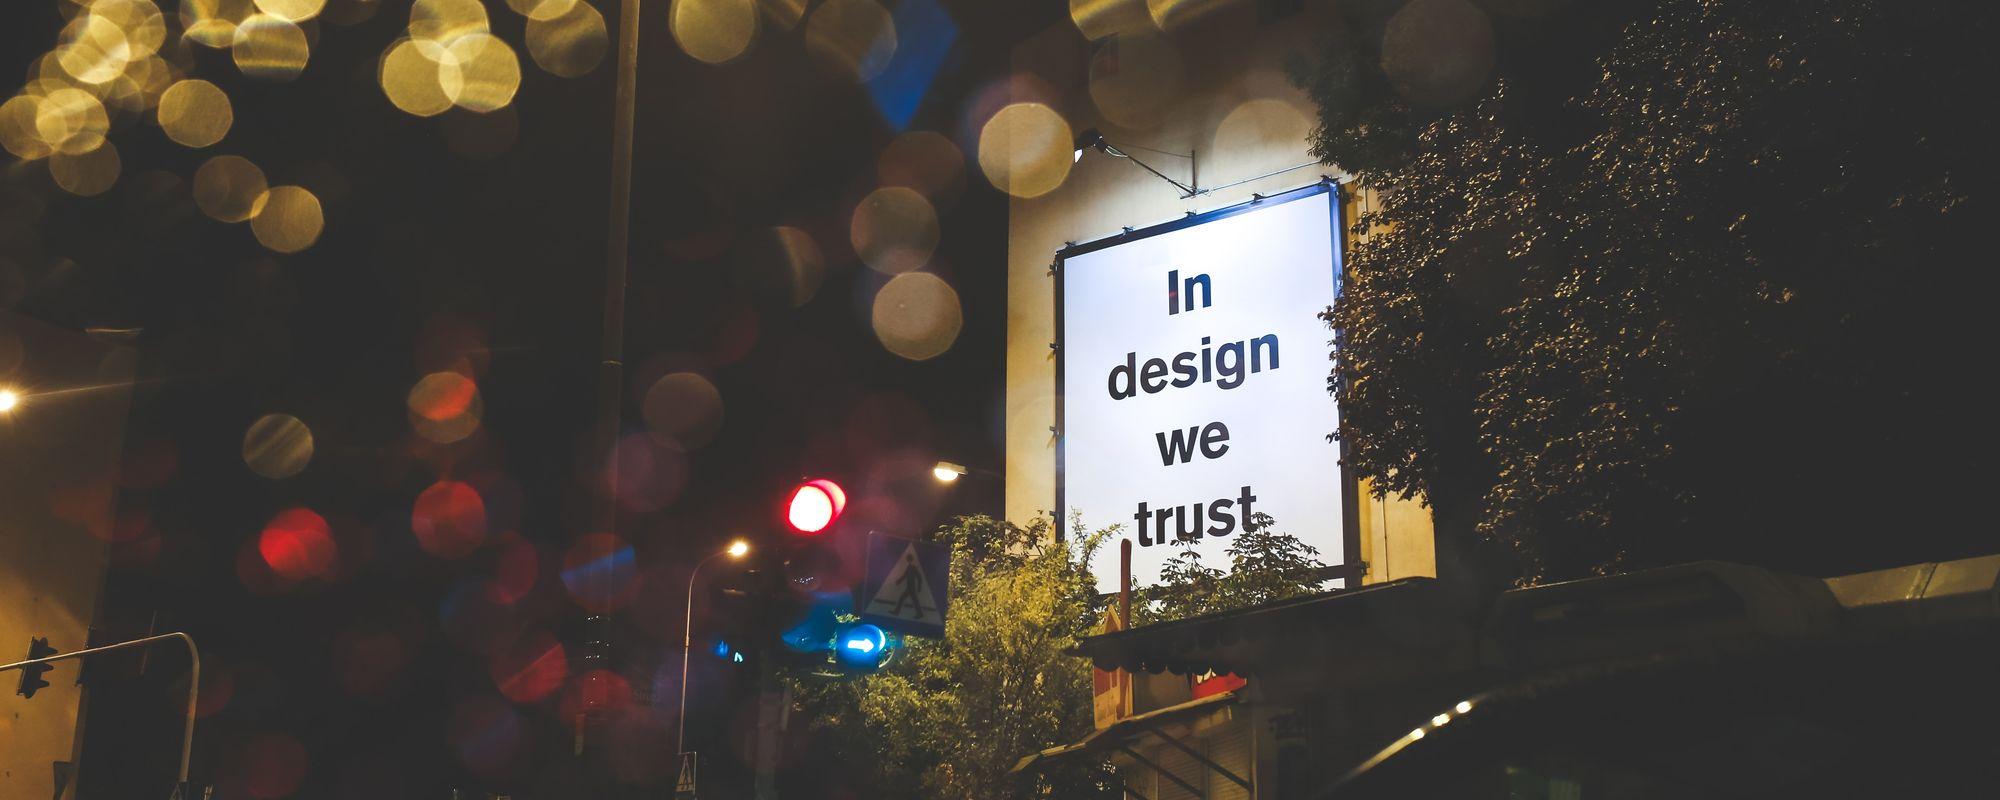 """Reclamă outdoor pe care scrie """"In design we trust"""""""